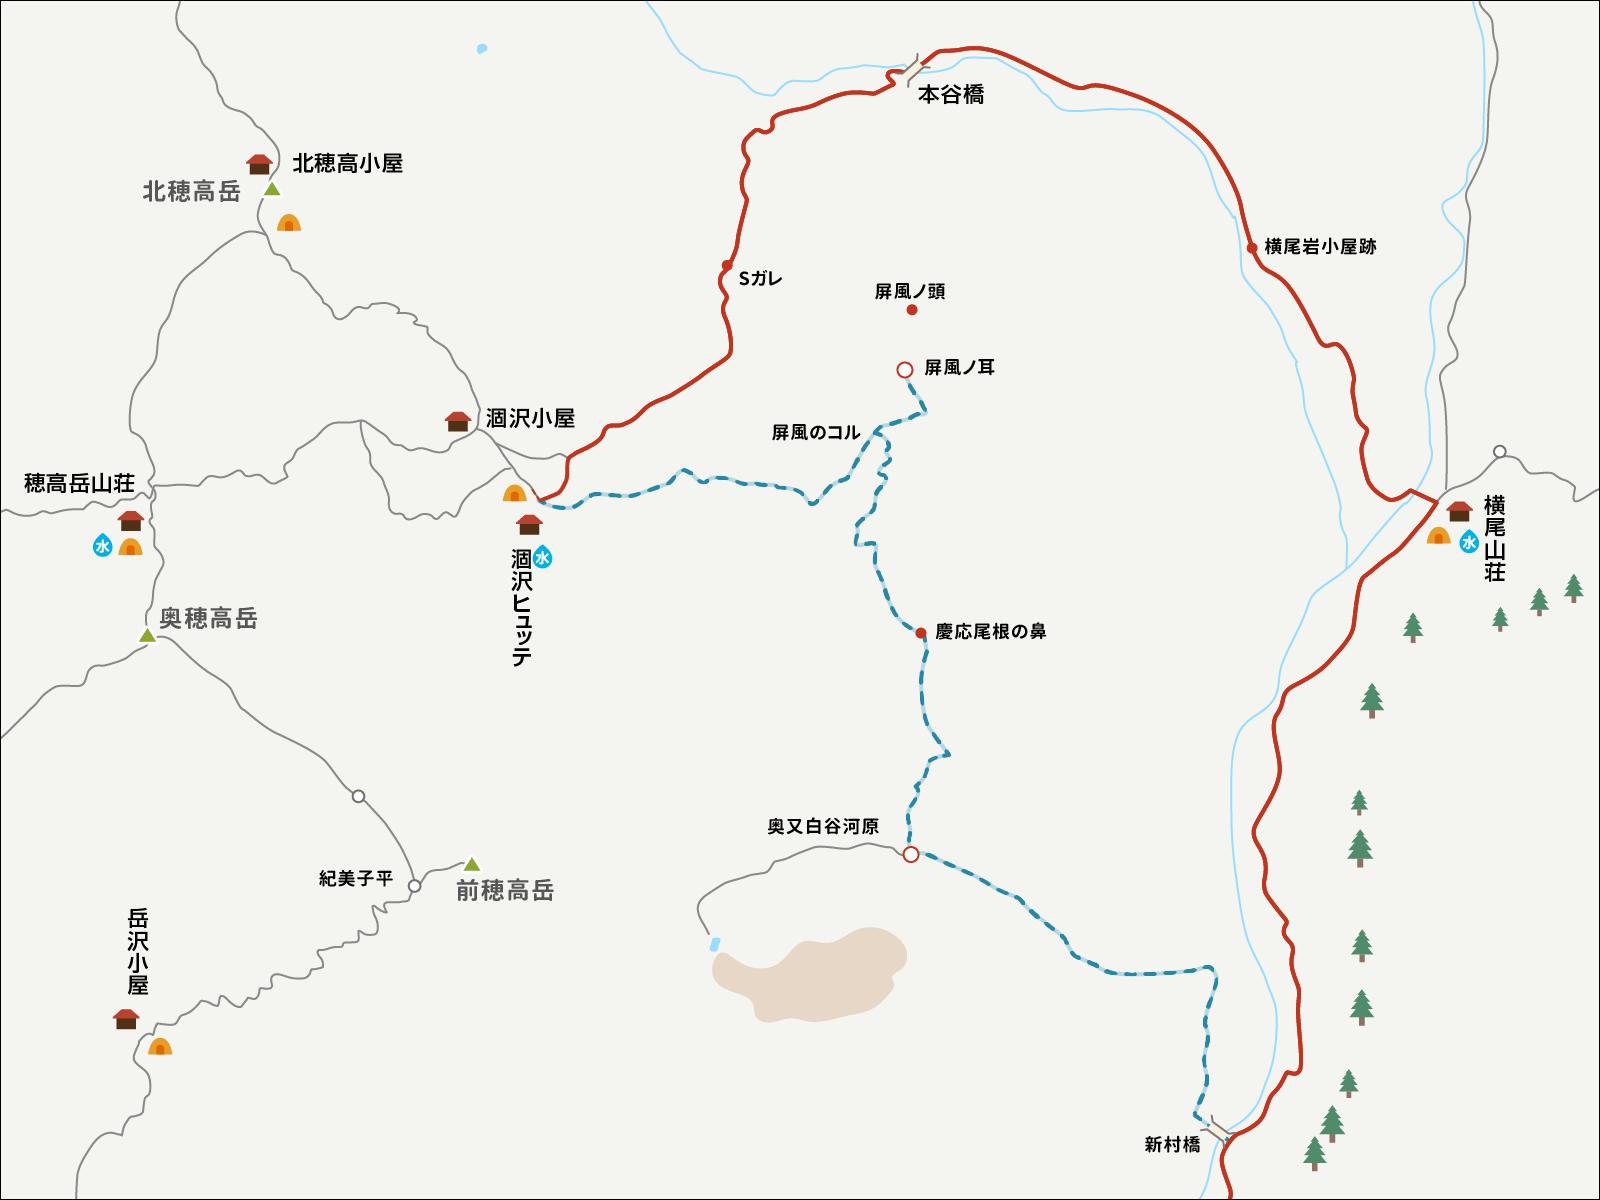 涸沢パノラマルートイラストマップ